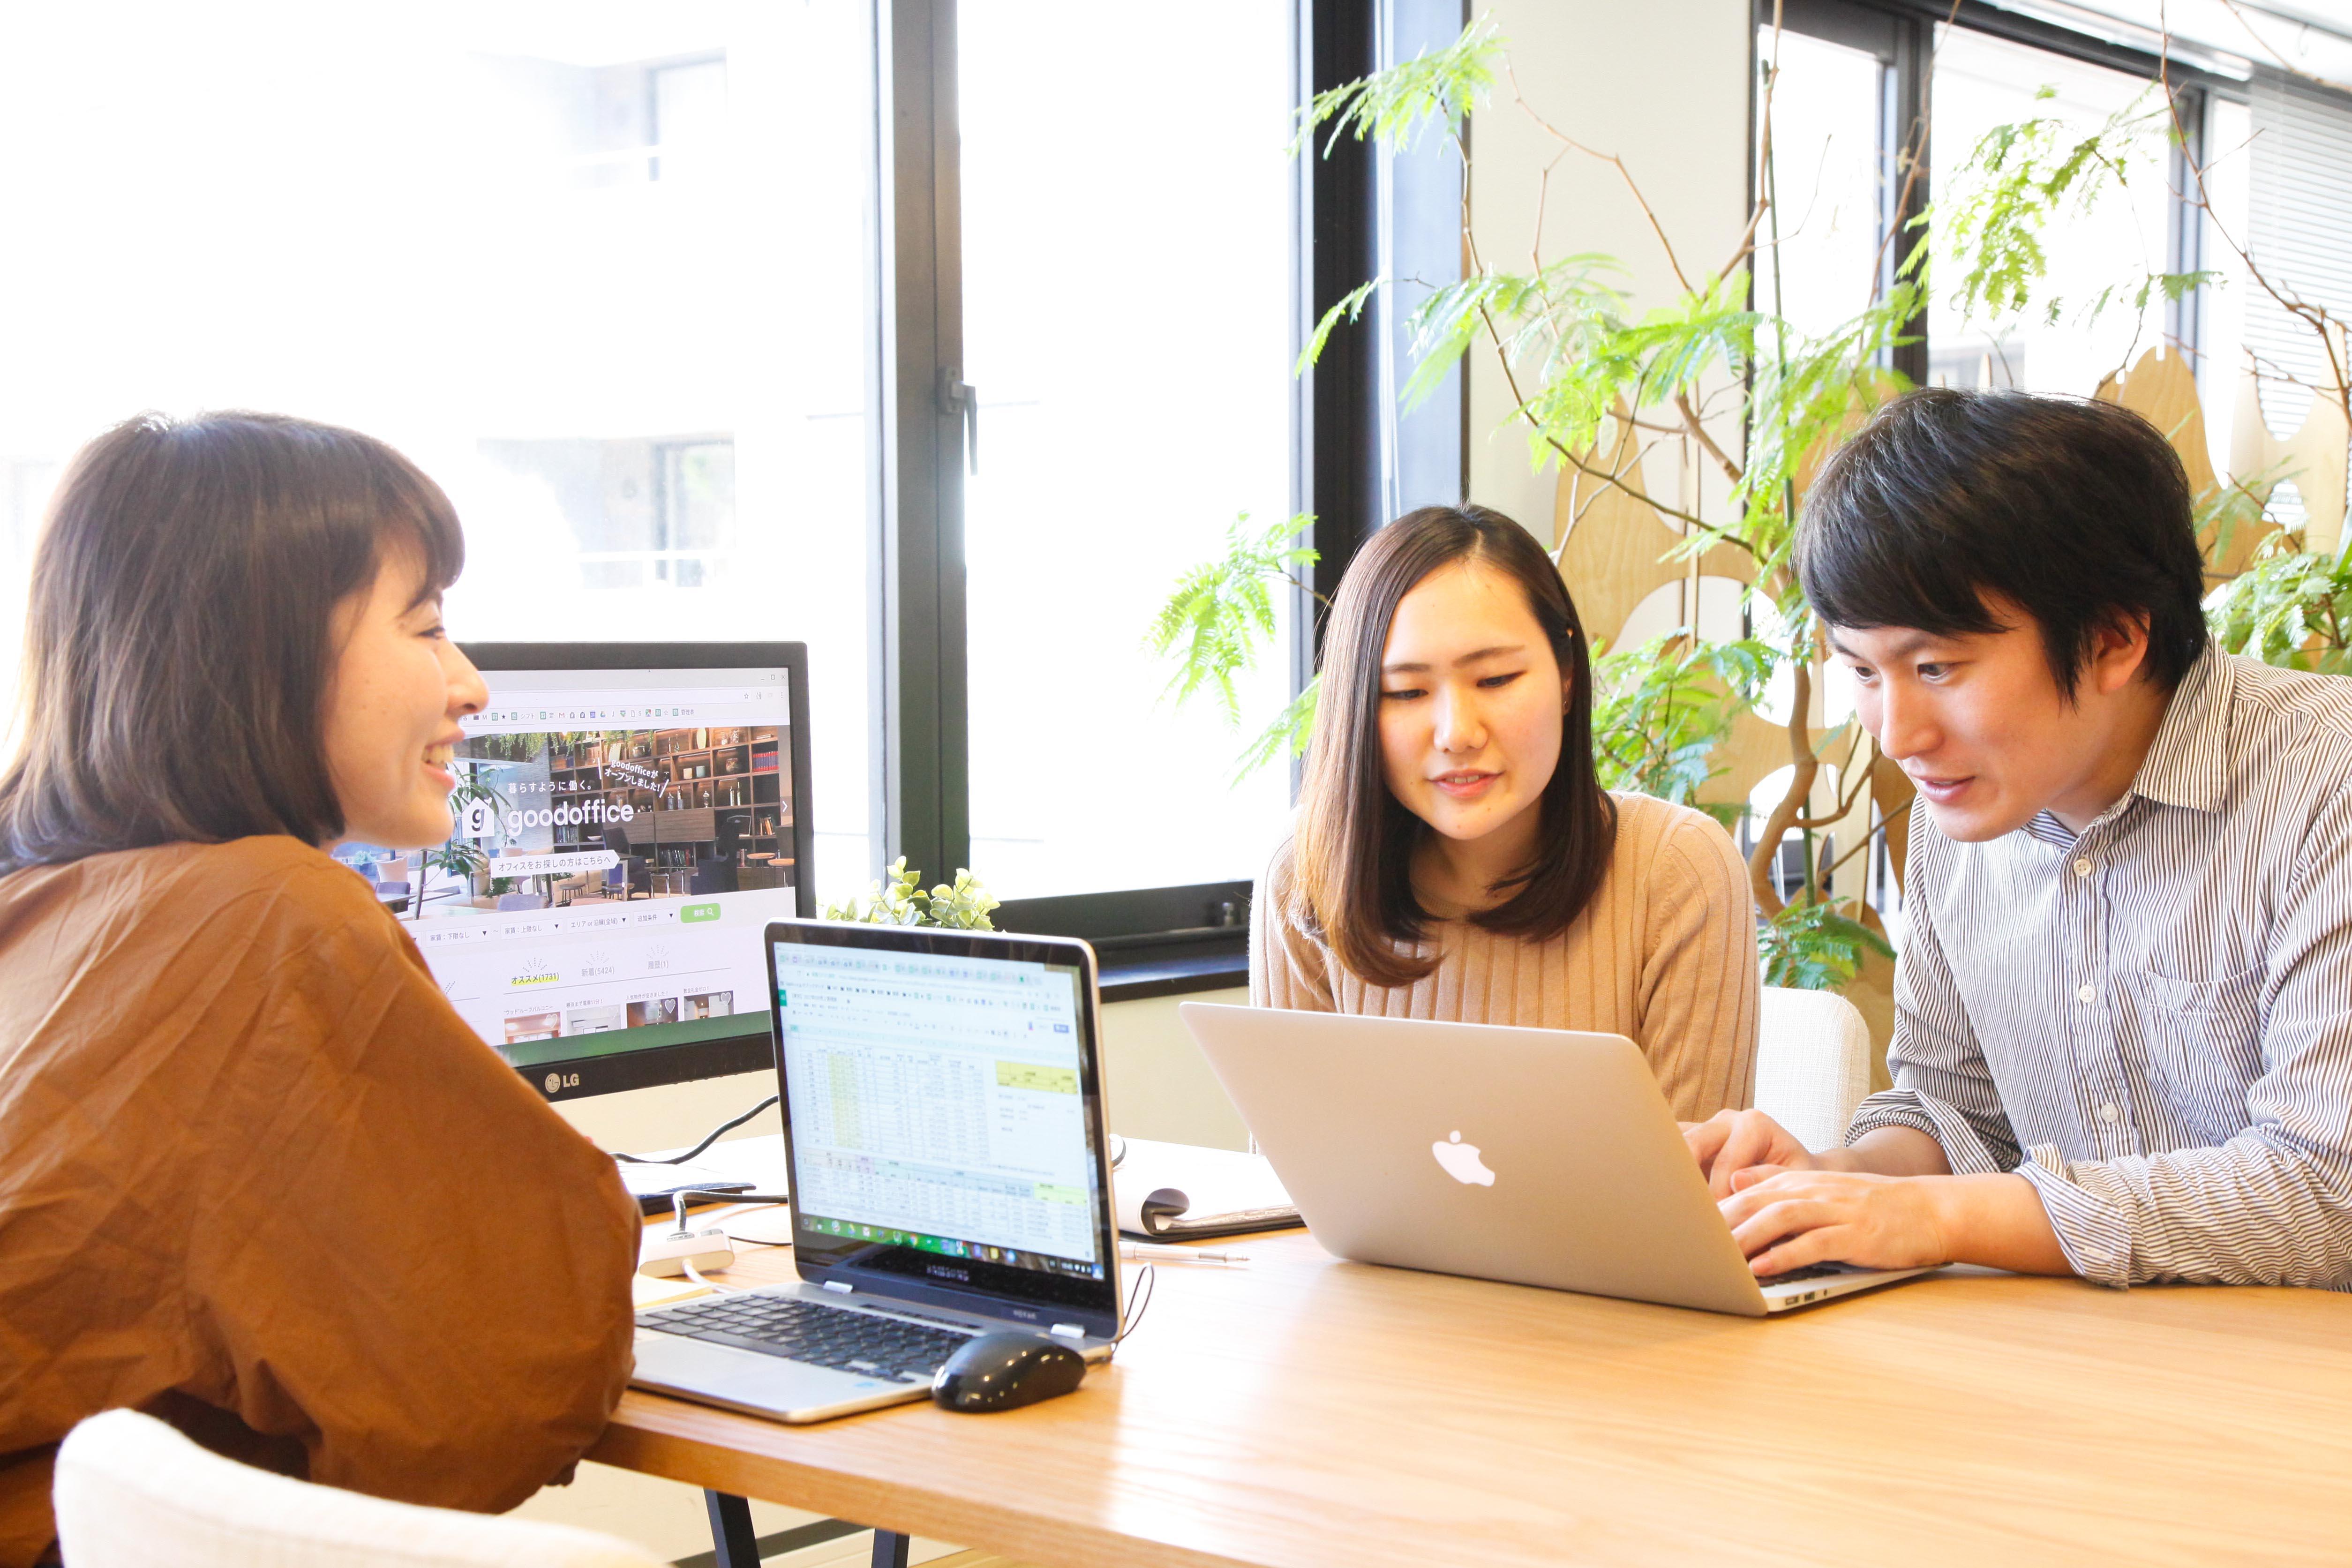 メンバーの教育や事業部を成長させる、戦略作りまでしていきます